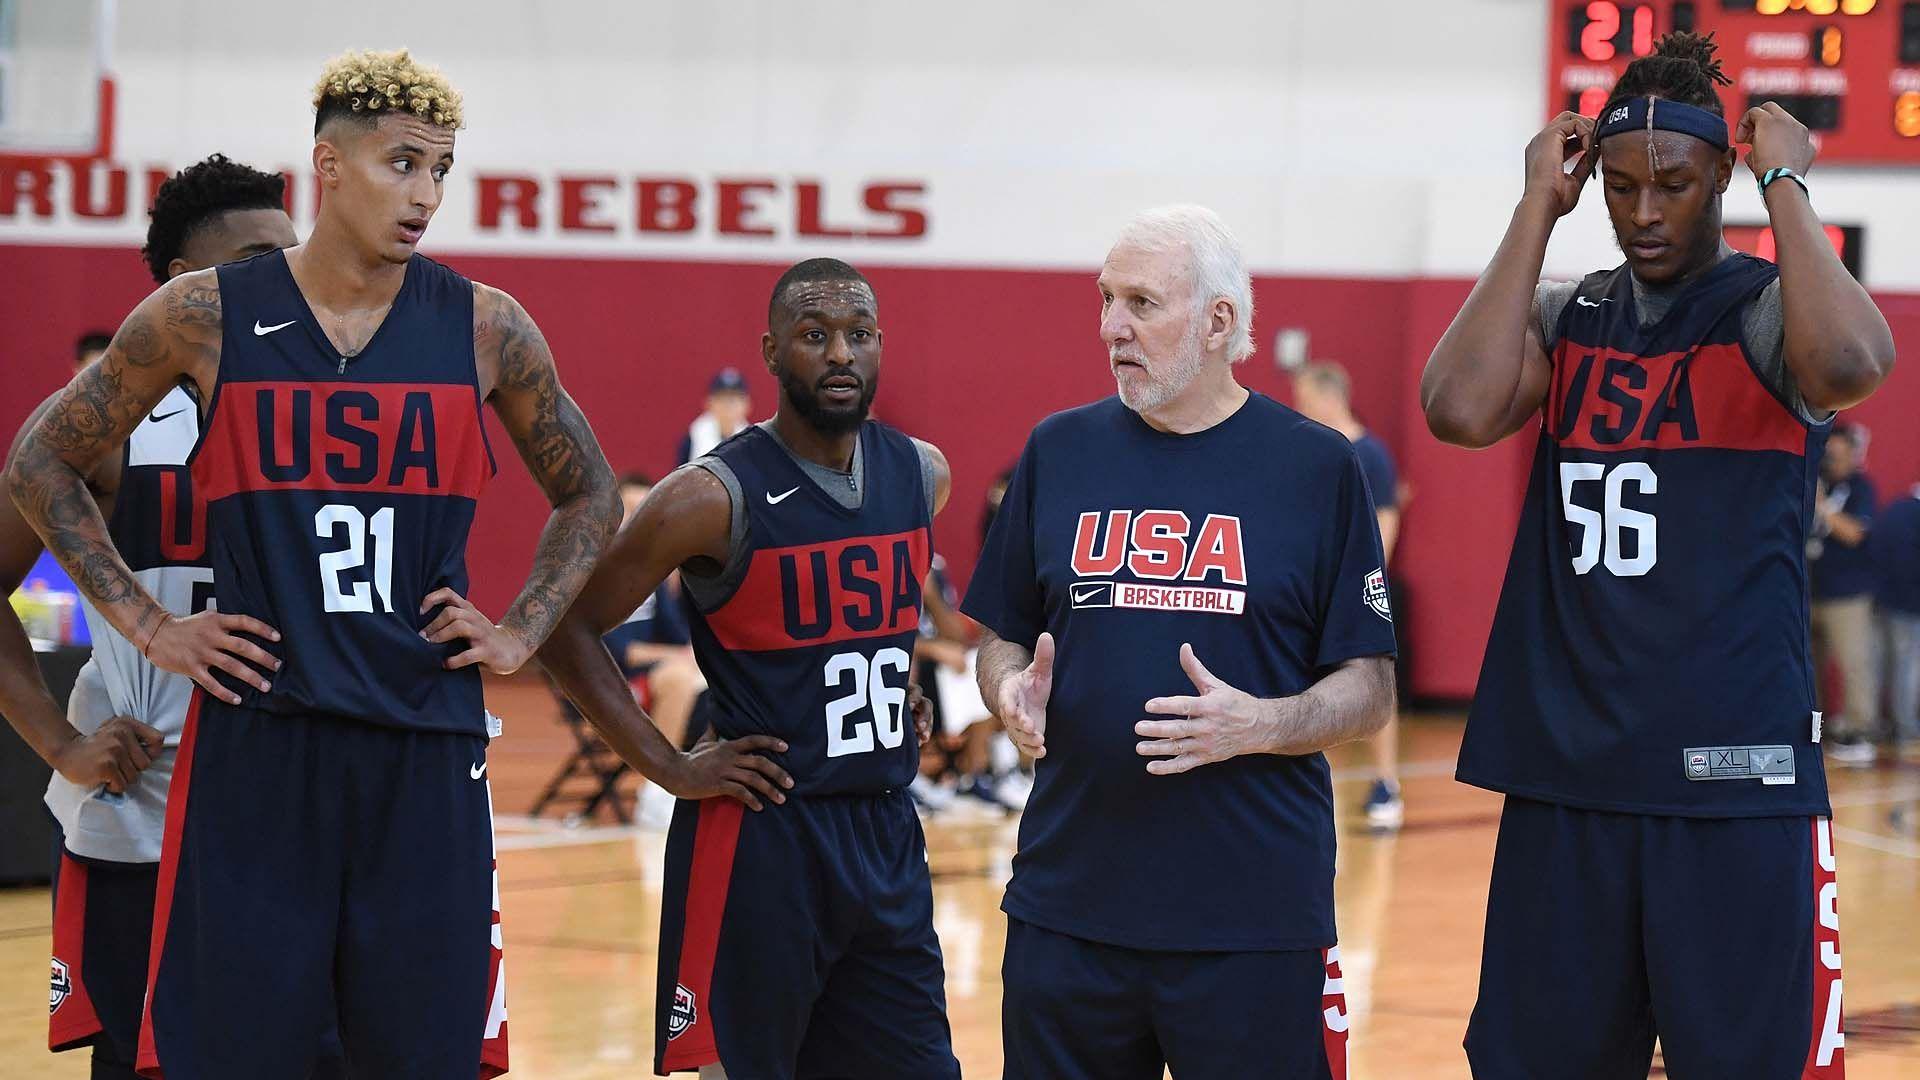 Fiba World Cup 2019 Usa Basketball Names Final Roster After Losing Kyle Kuzma To Injury Usa Basketball Nba Cheerleaders Team Usa